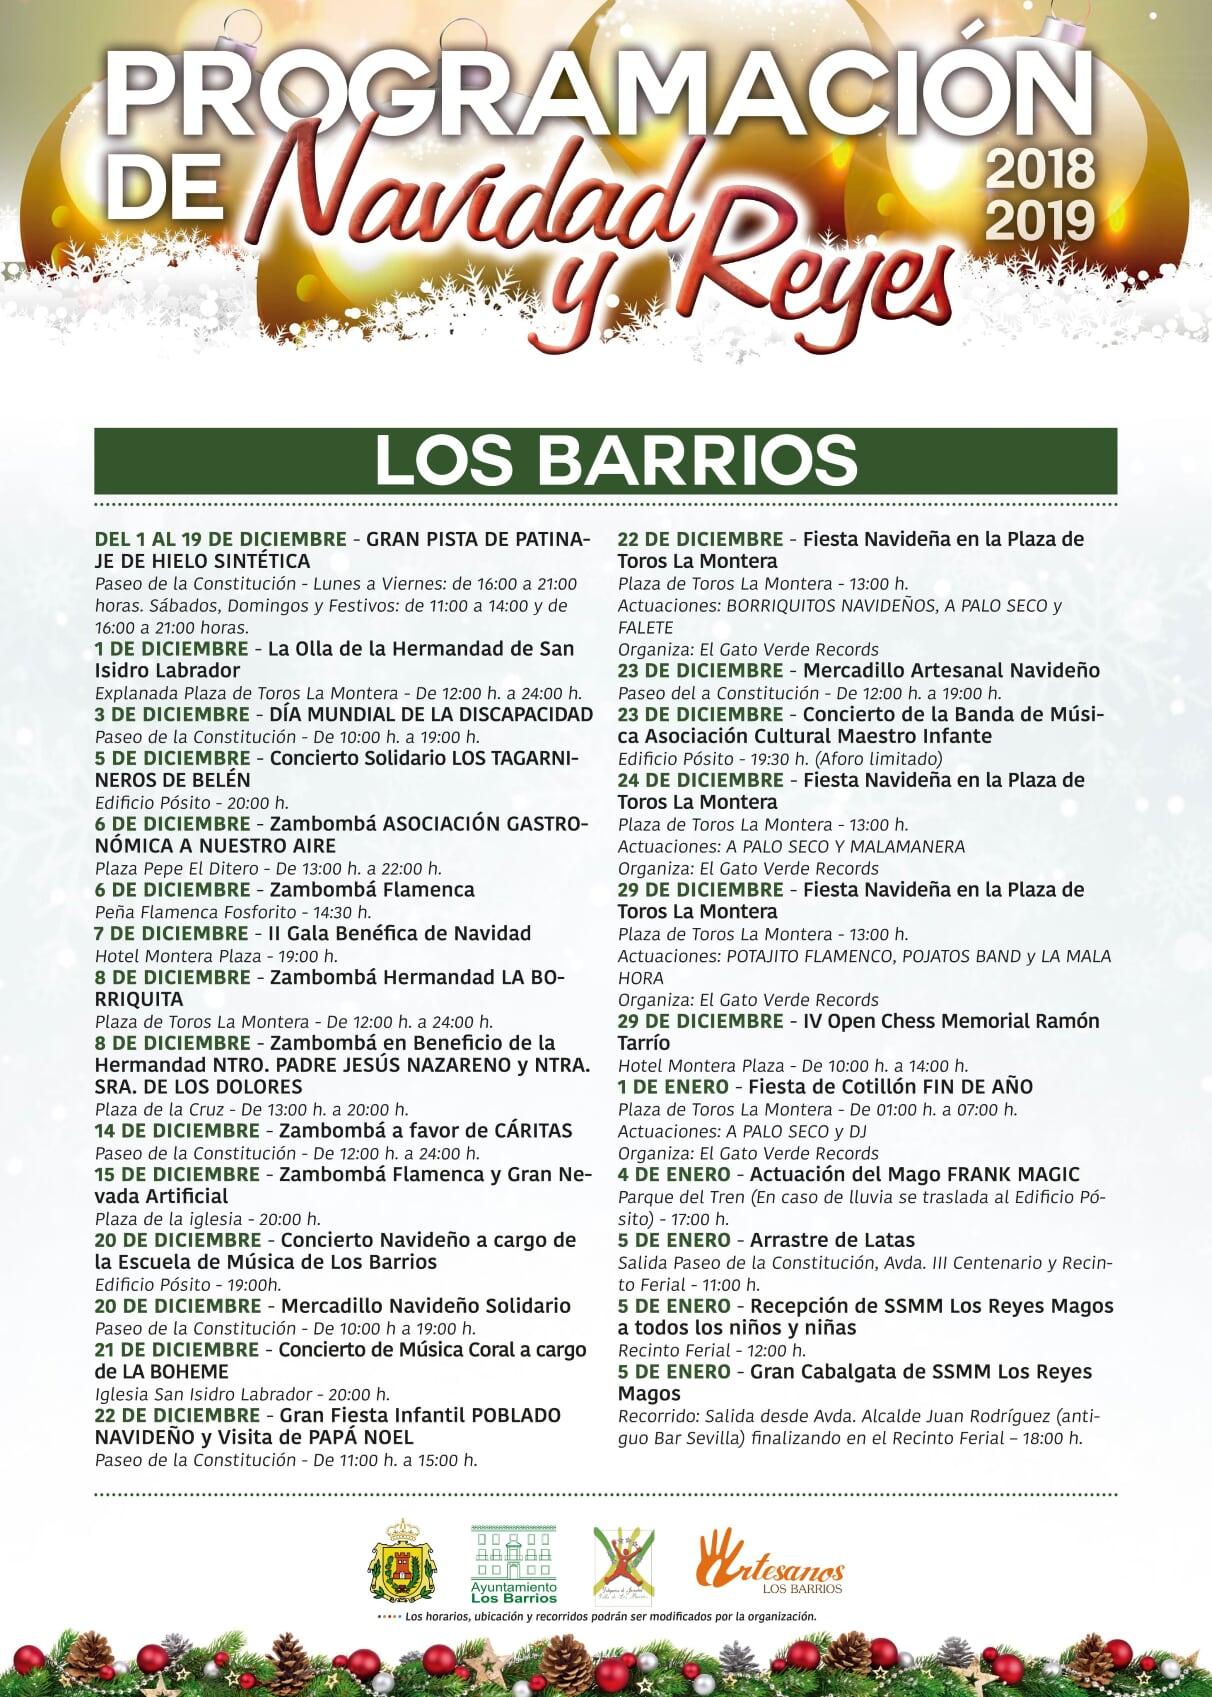 Programación navideña en Los Barrios 2018